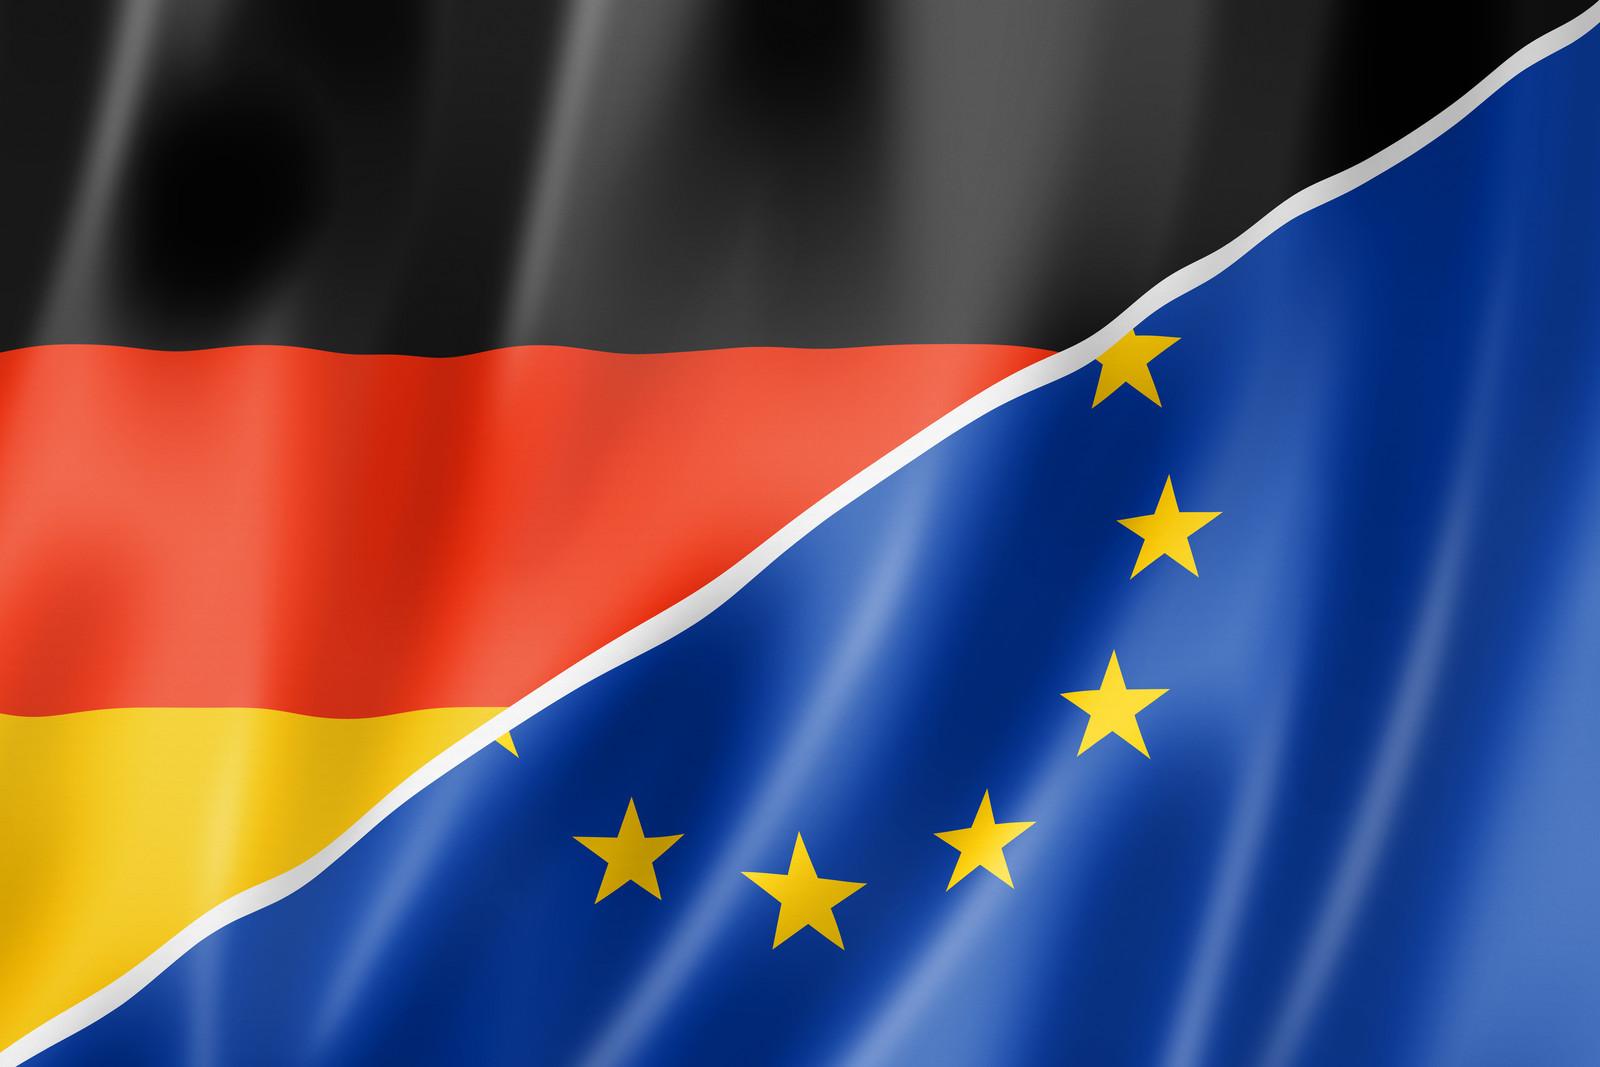 Nationale und europäische Förderung gemeinsam denken und einsetzen